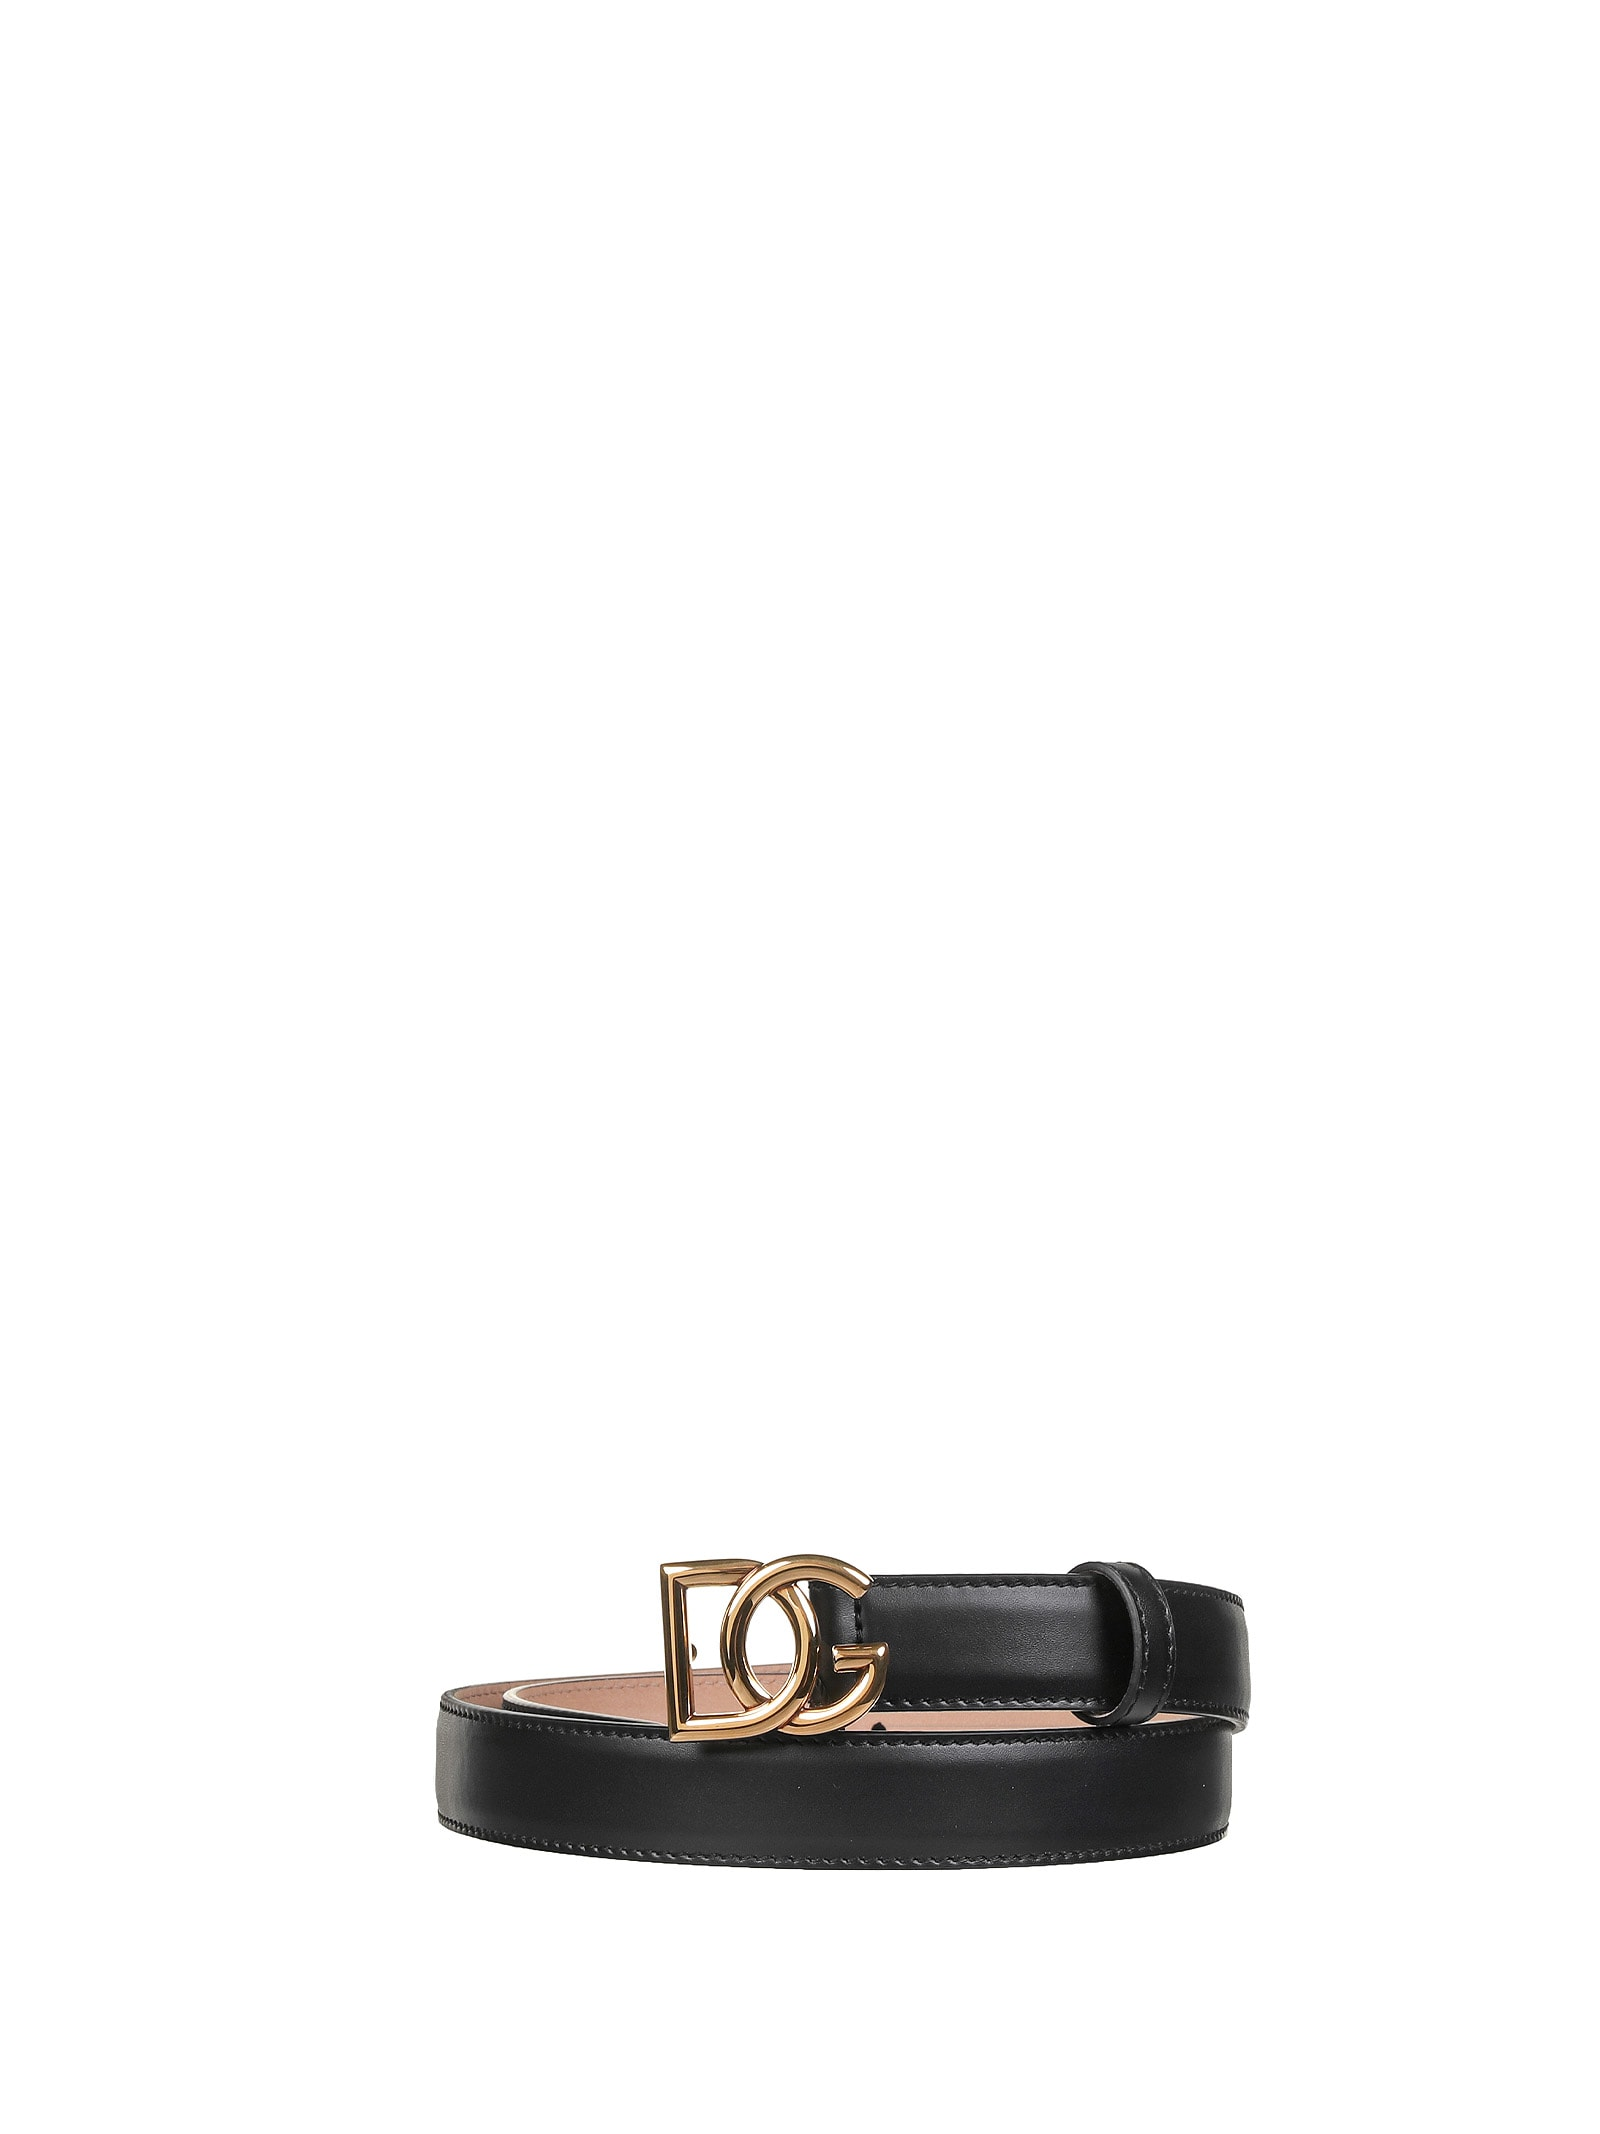 Dolce & Gabbana Dolce & Gabbana Dg Belt